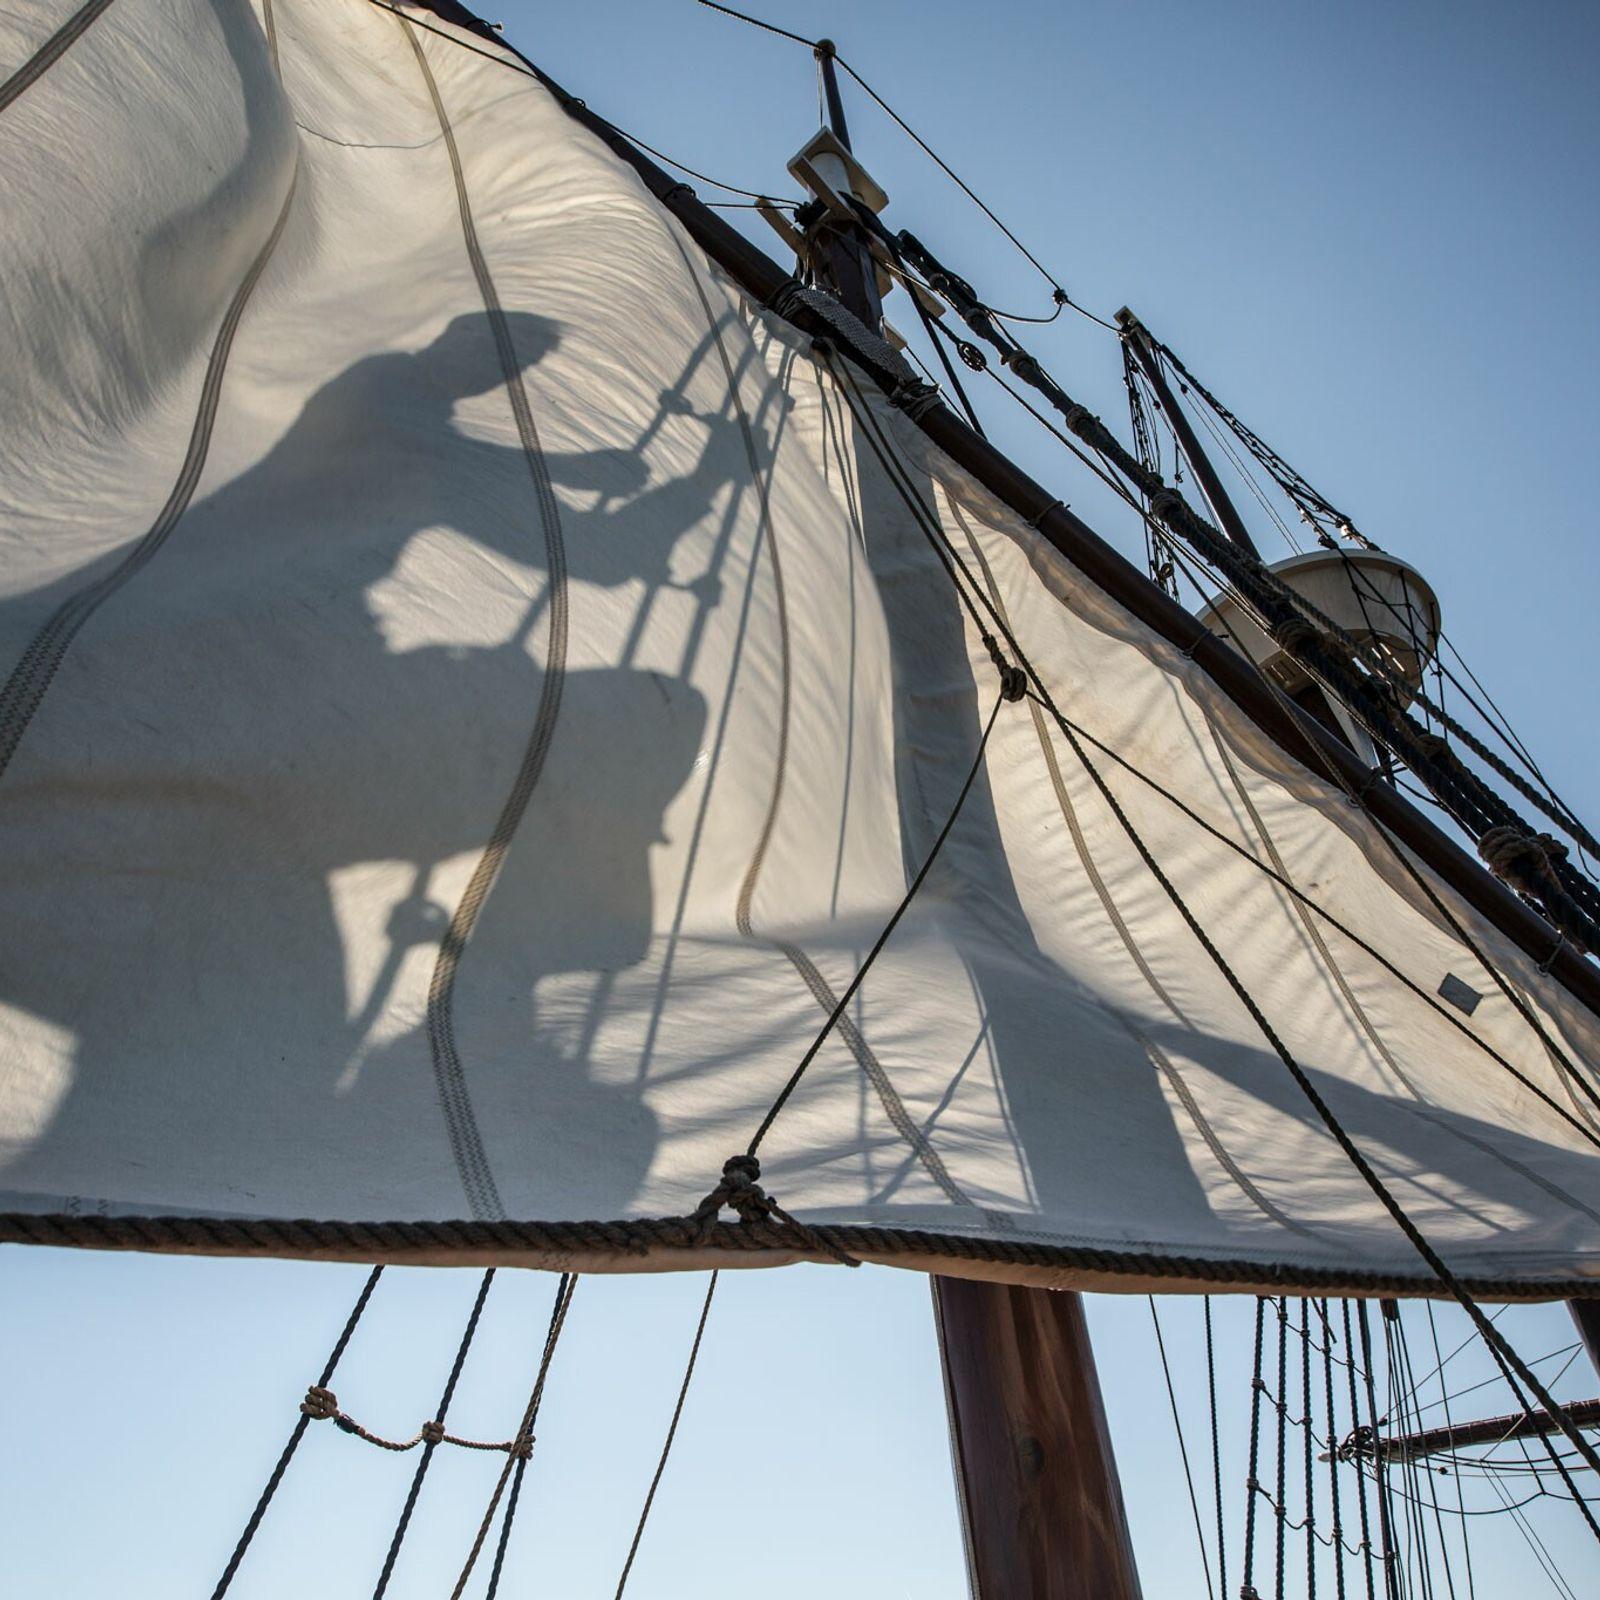 Fotografía de un barco